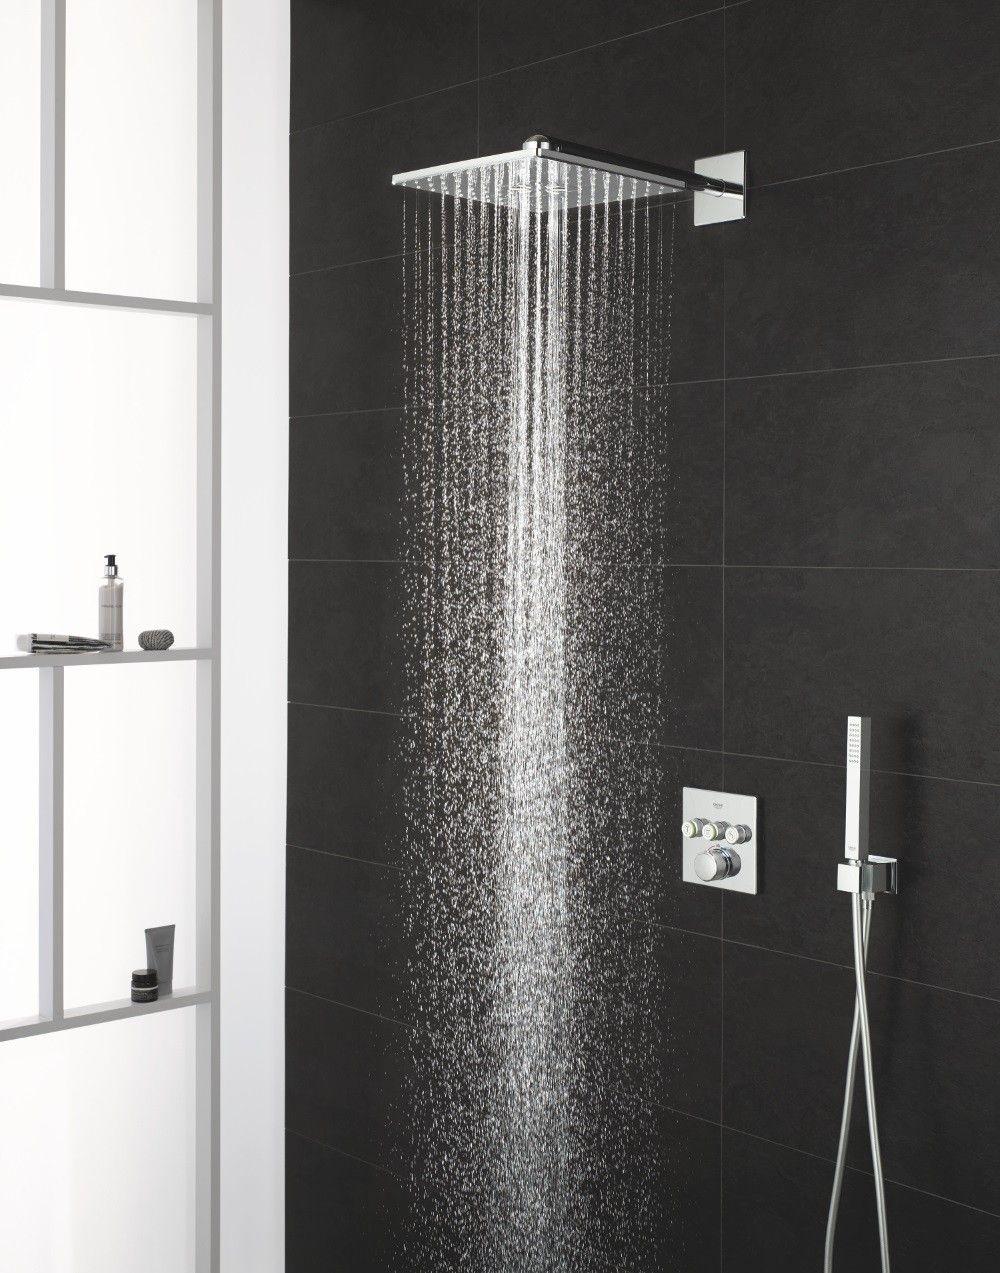 Heerlijk douchen met het nieuwe douchesysteem van Grohe. Inbouw ...